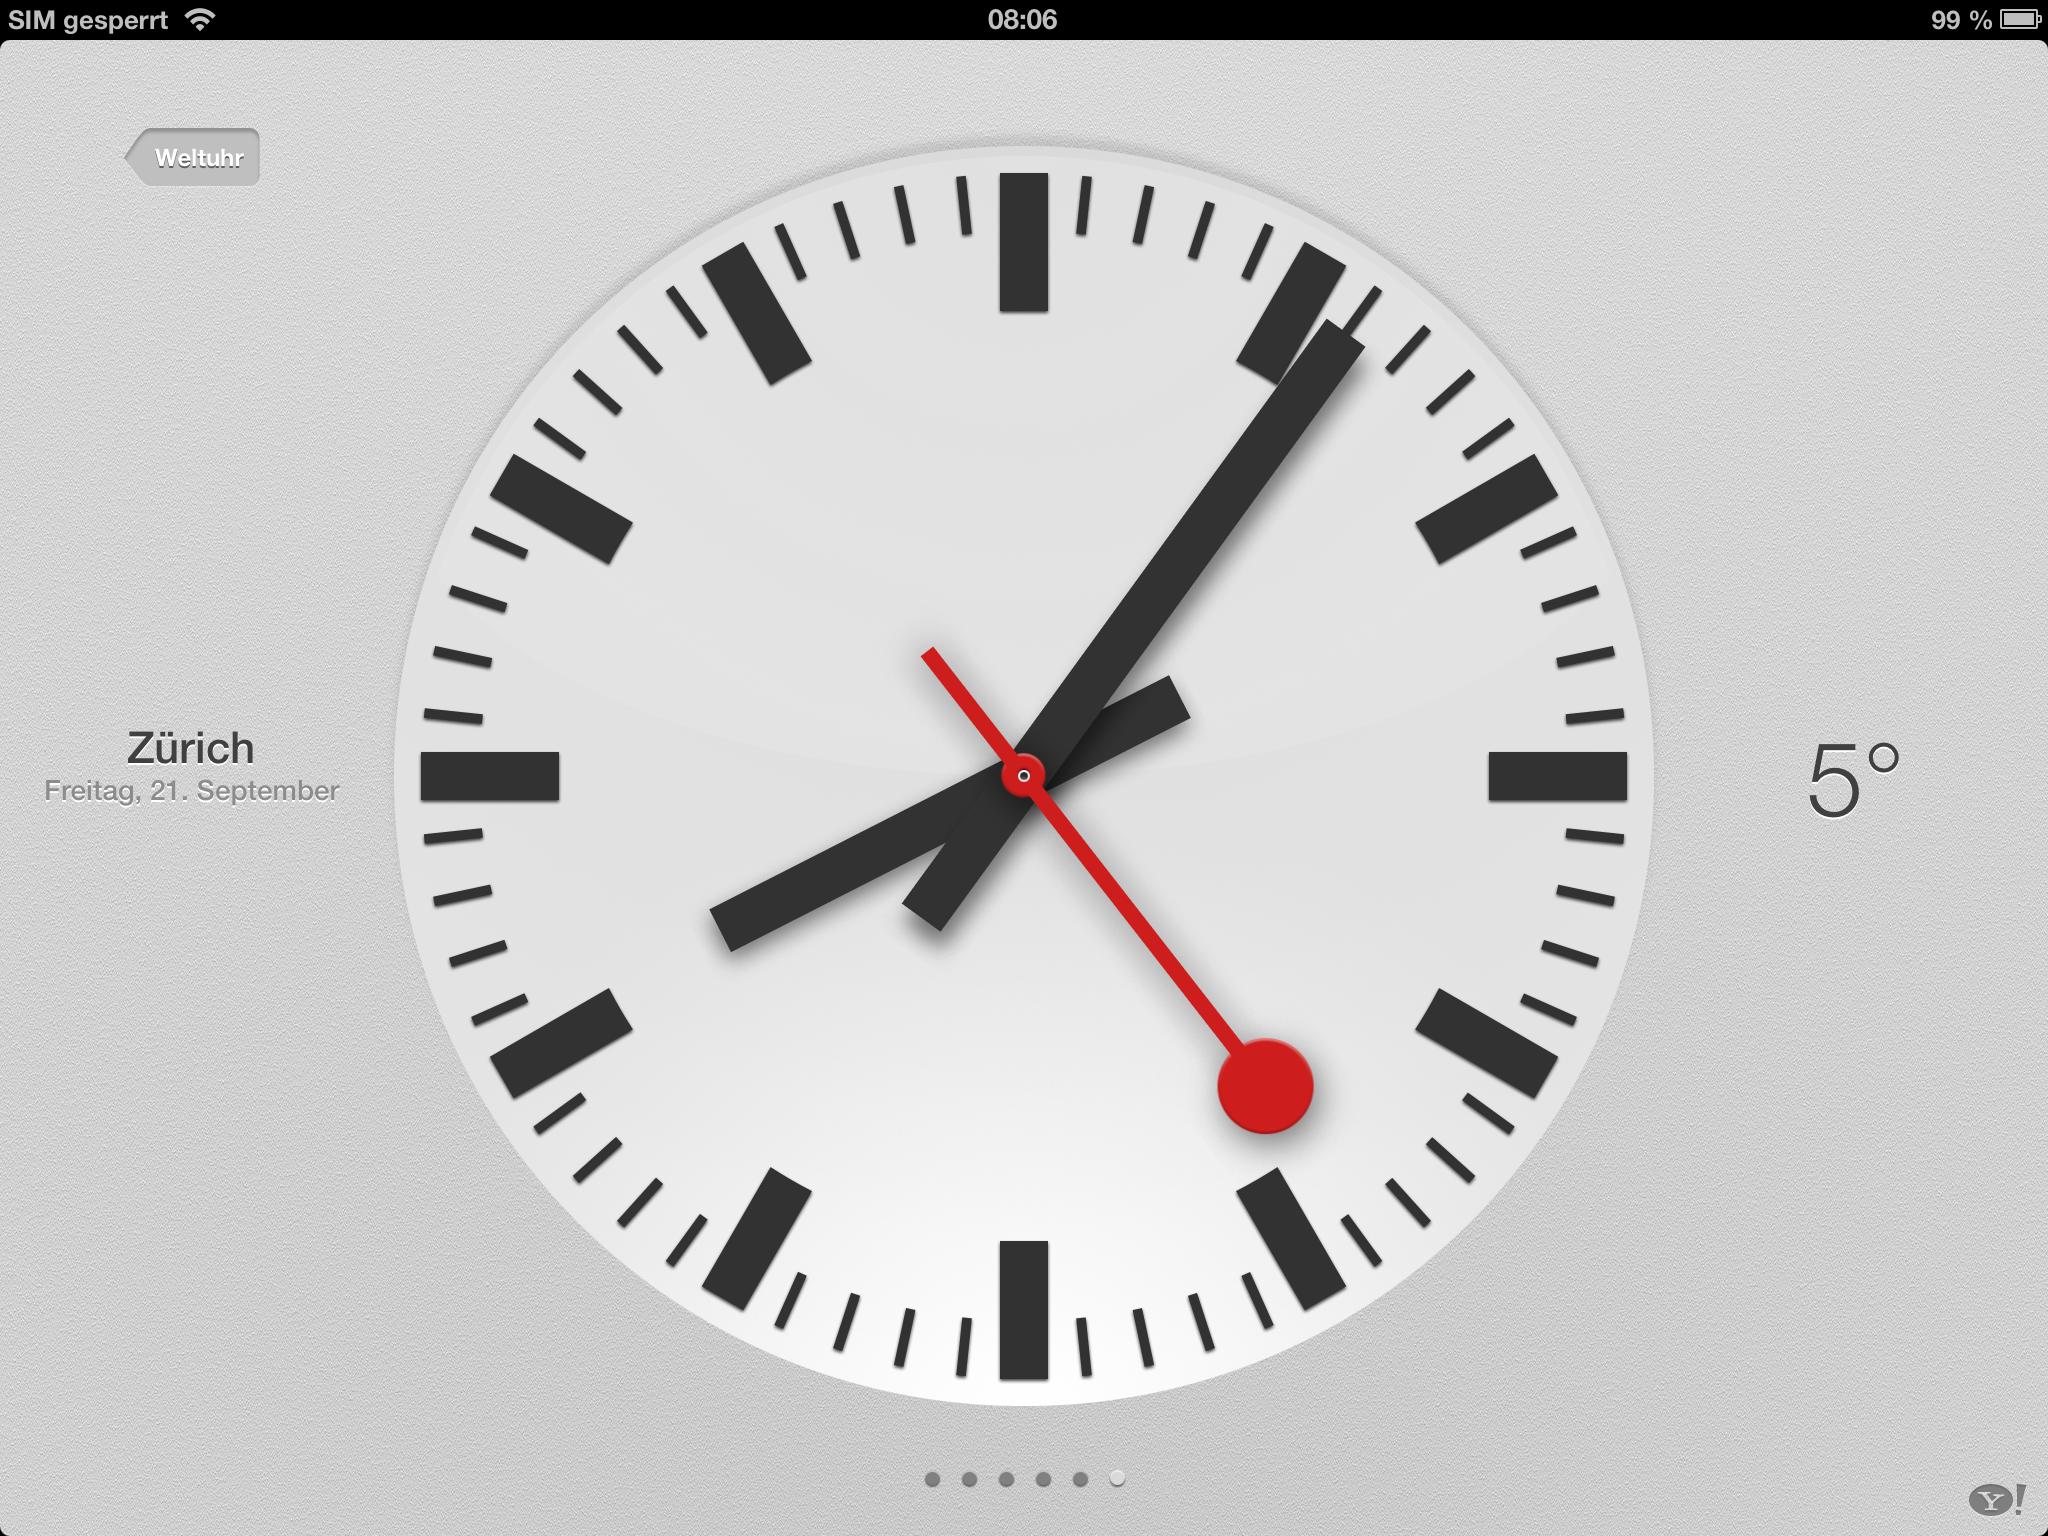 Apple zahlt der SBB angeblich 20 Millionen Franken für das Uhren-Design